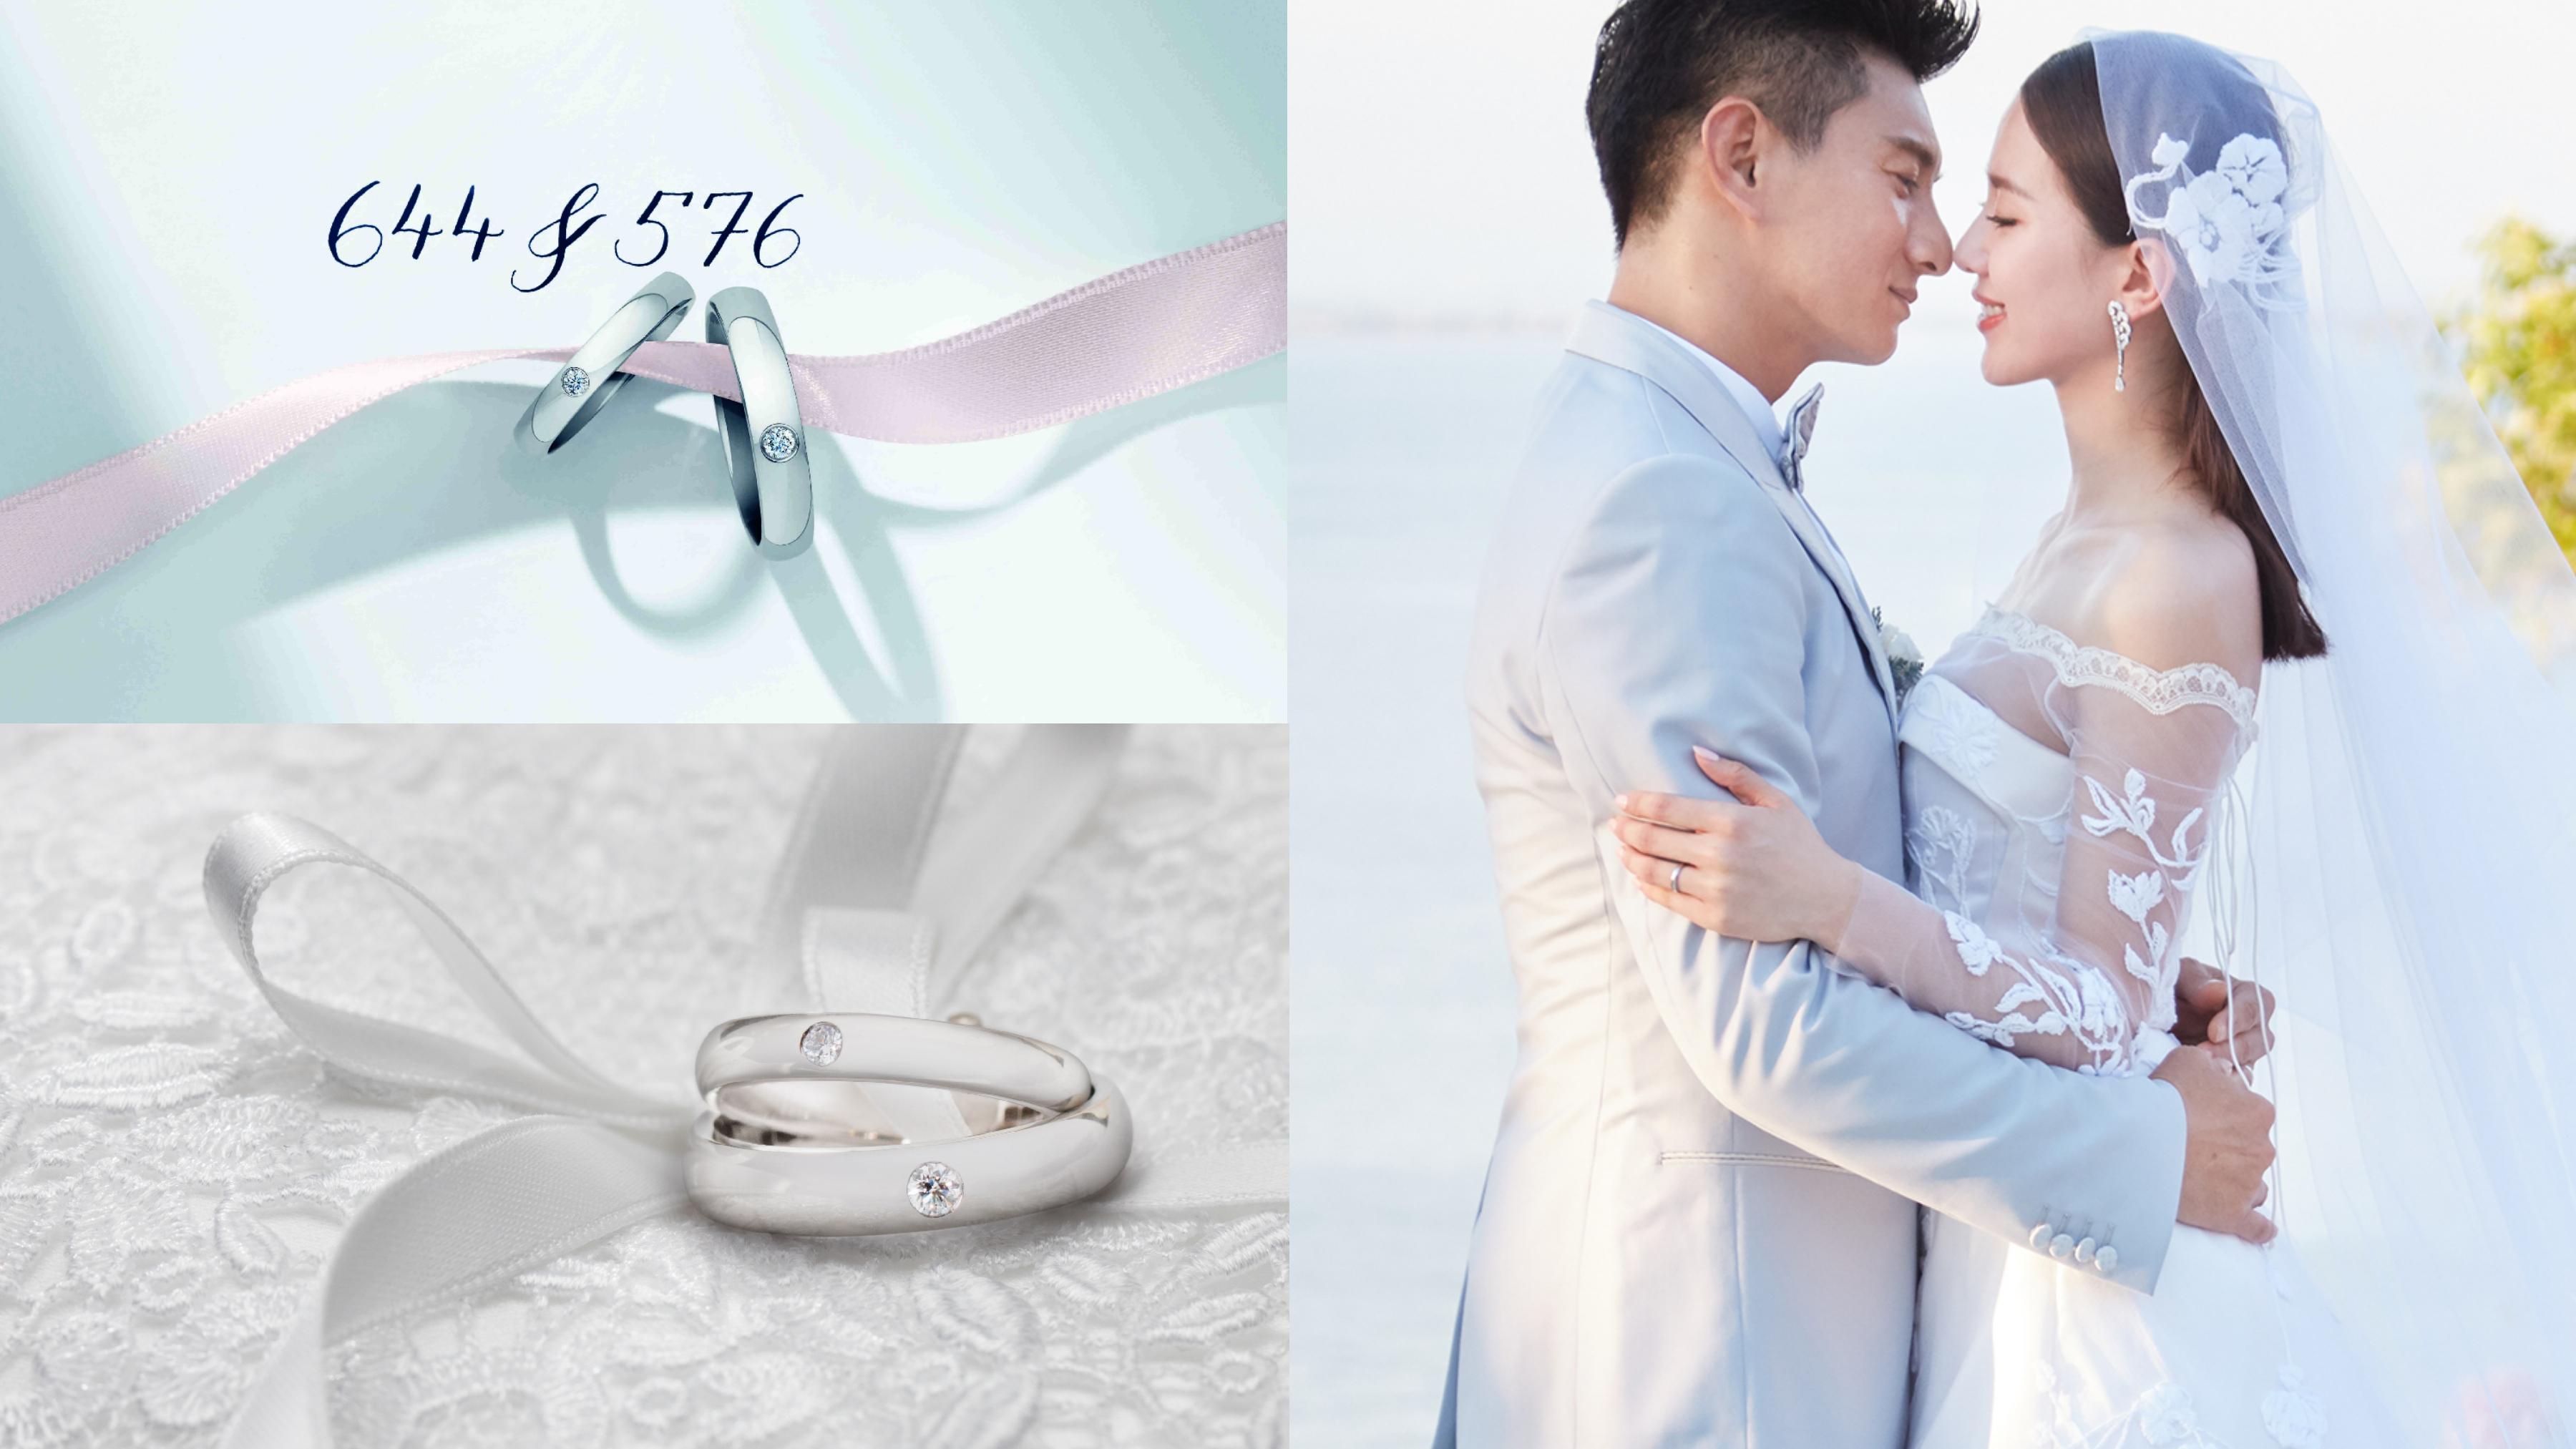 劉詩詩&吳奇隆2016年結婚時也選用了 DB Classic 單鑽鉑金結婚對戒